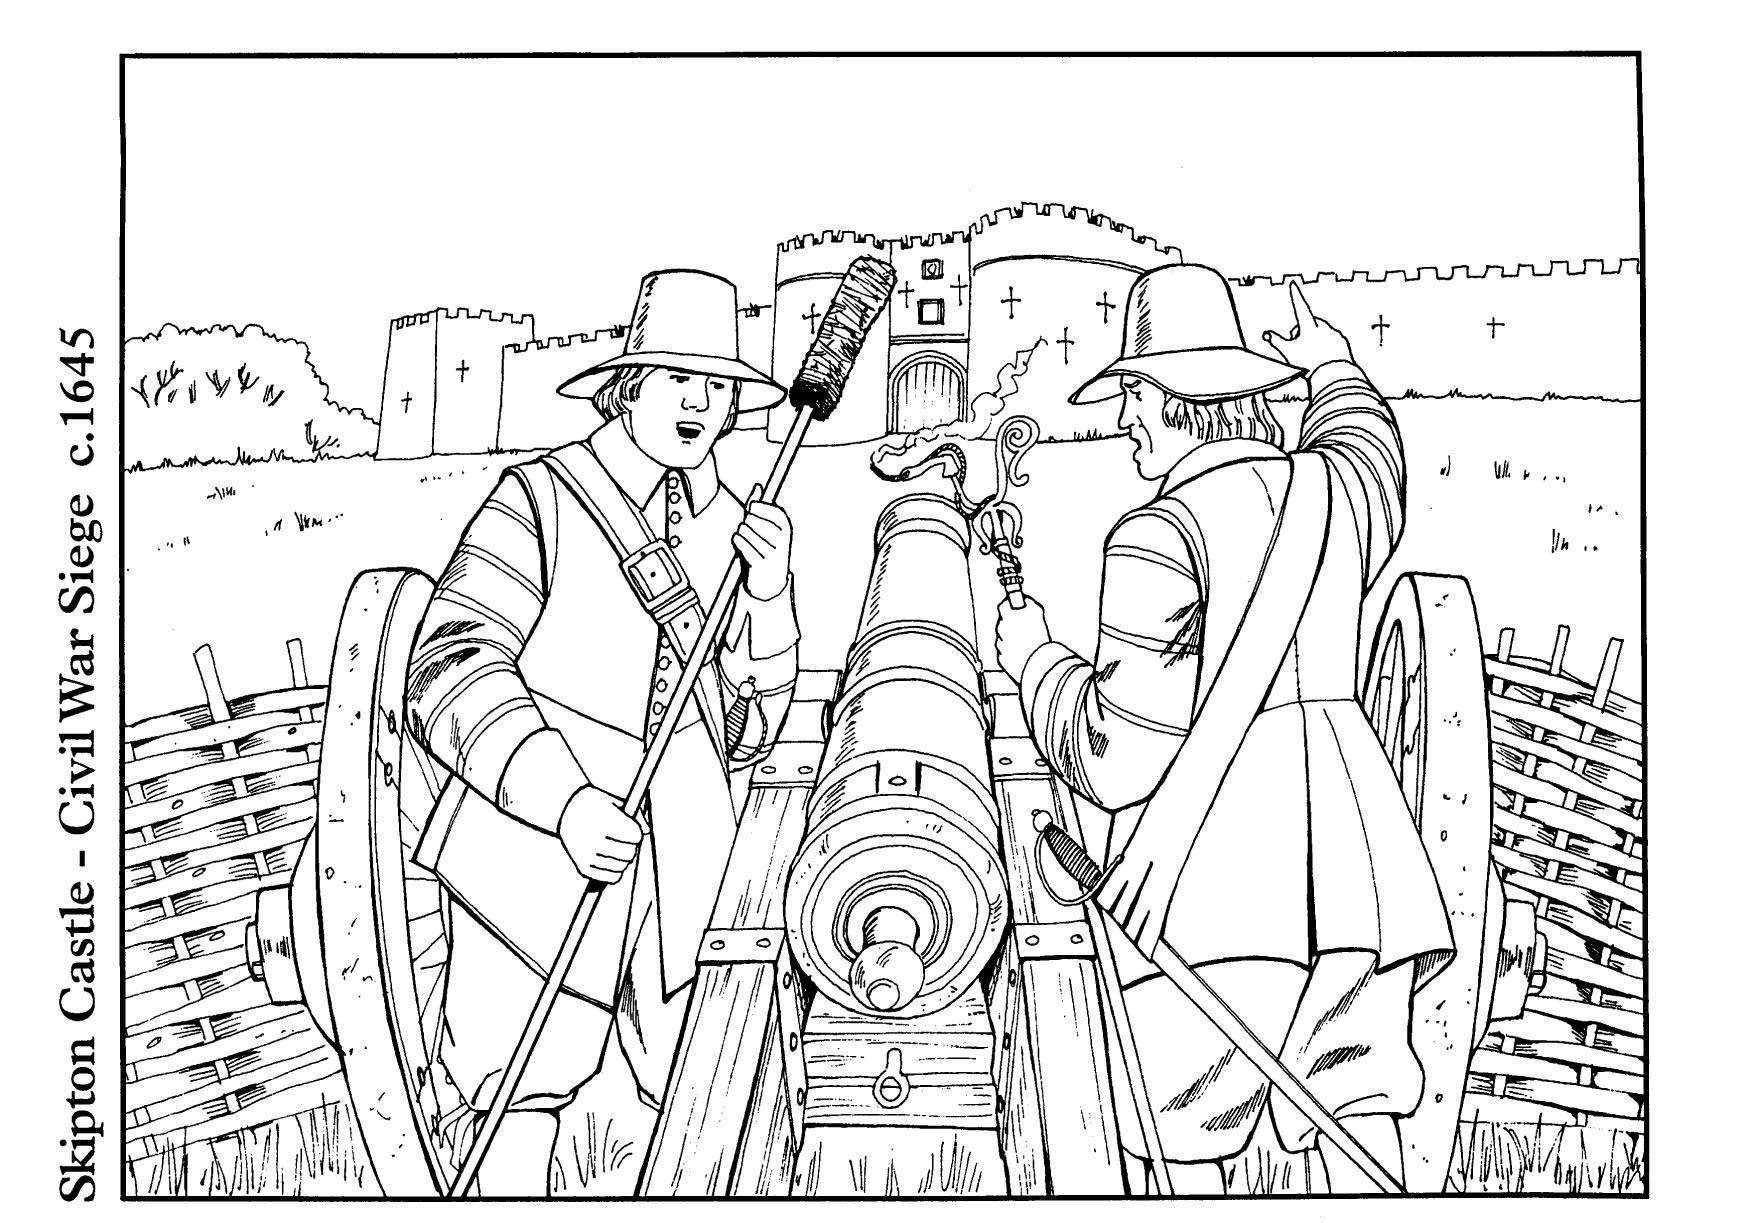 Excepcional Página Para Colorear De Guerra Civil Friso - Dibujos ...